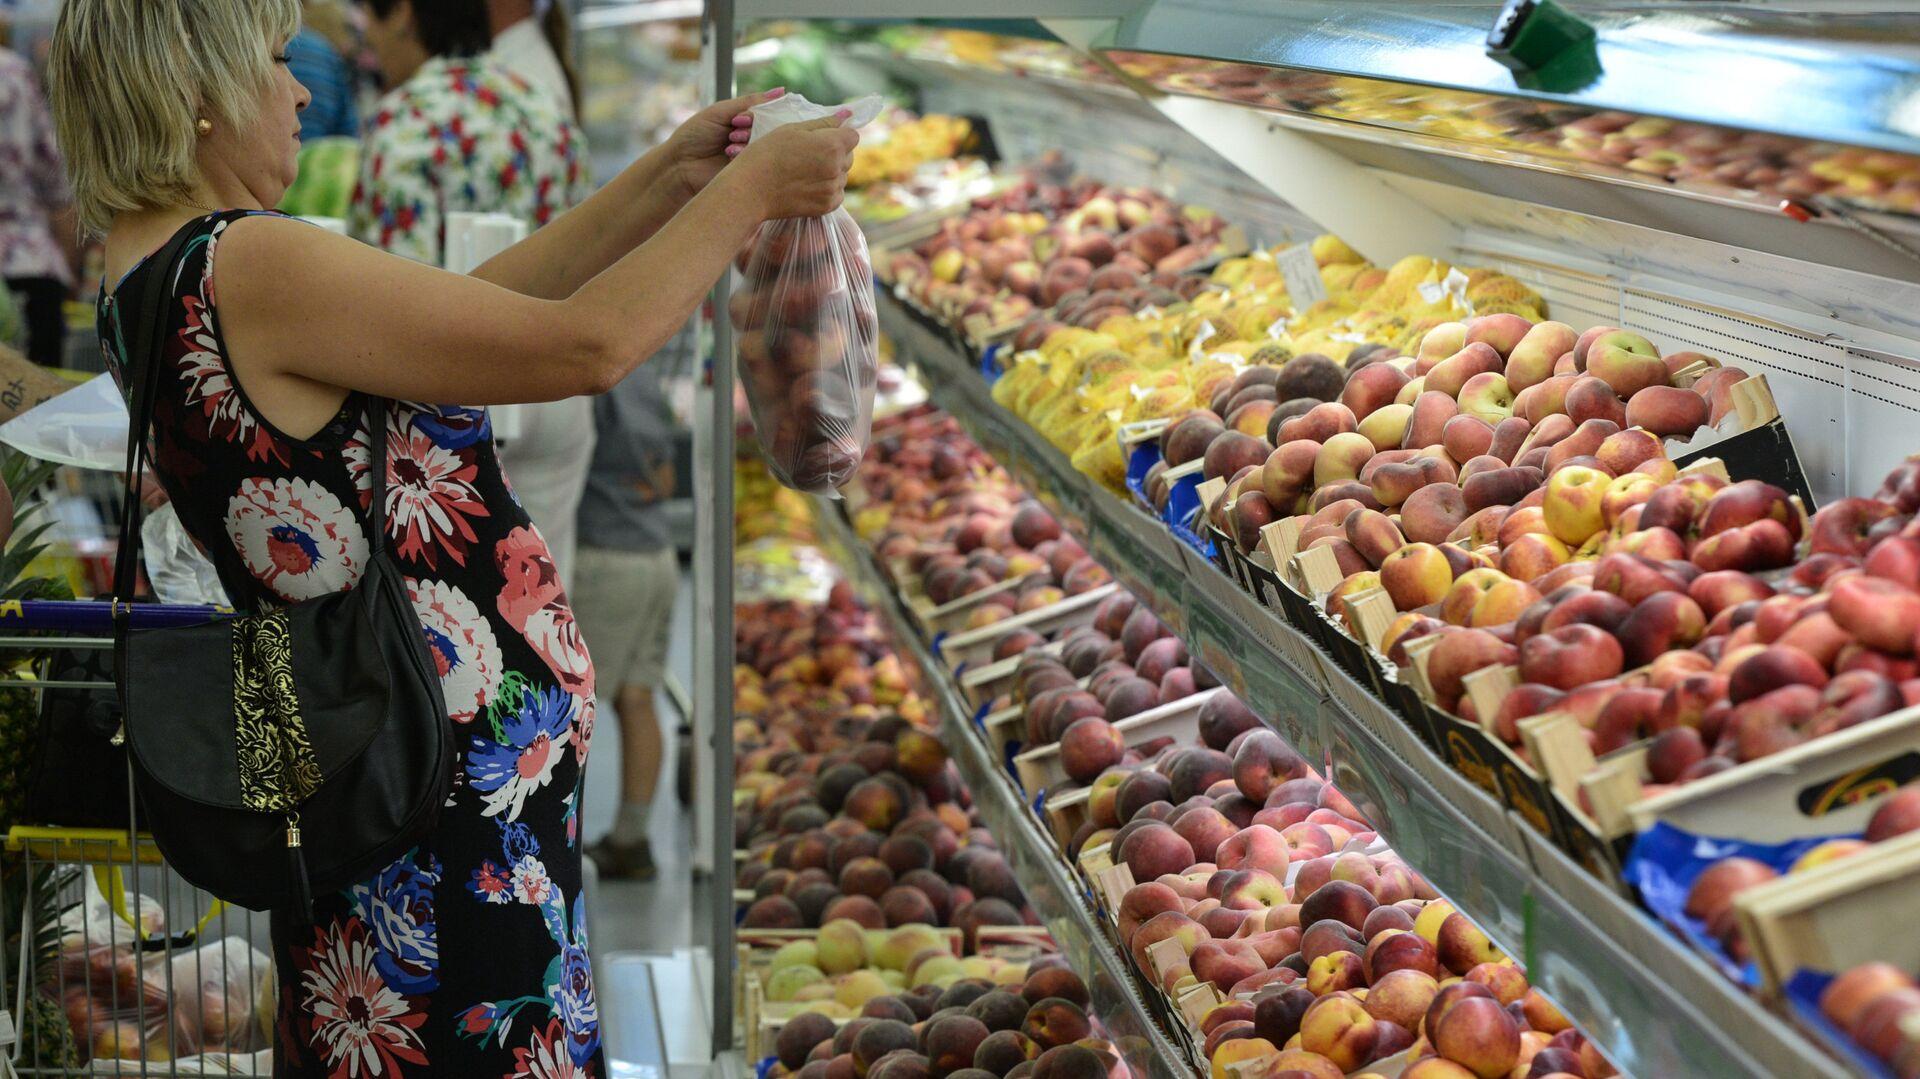 Покупательница у прилавка с фруктами в гипермаркете Лента в Новосибирске - РИА Новости, 1920, 21.08.2021